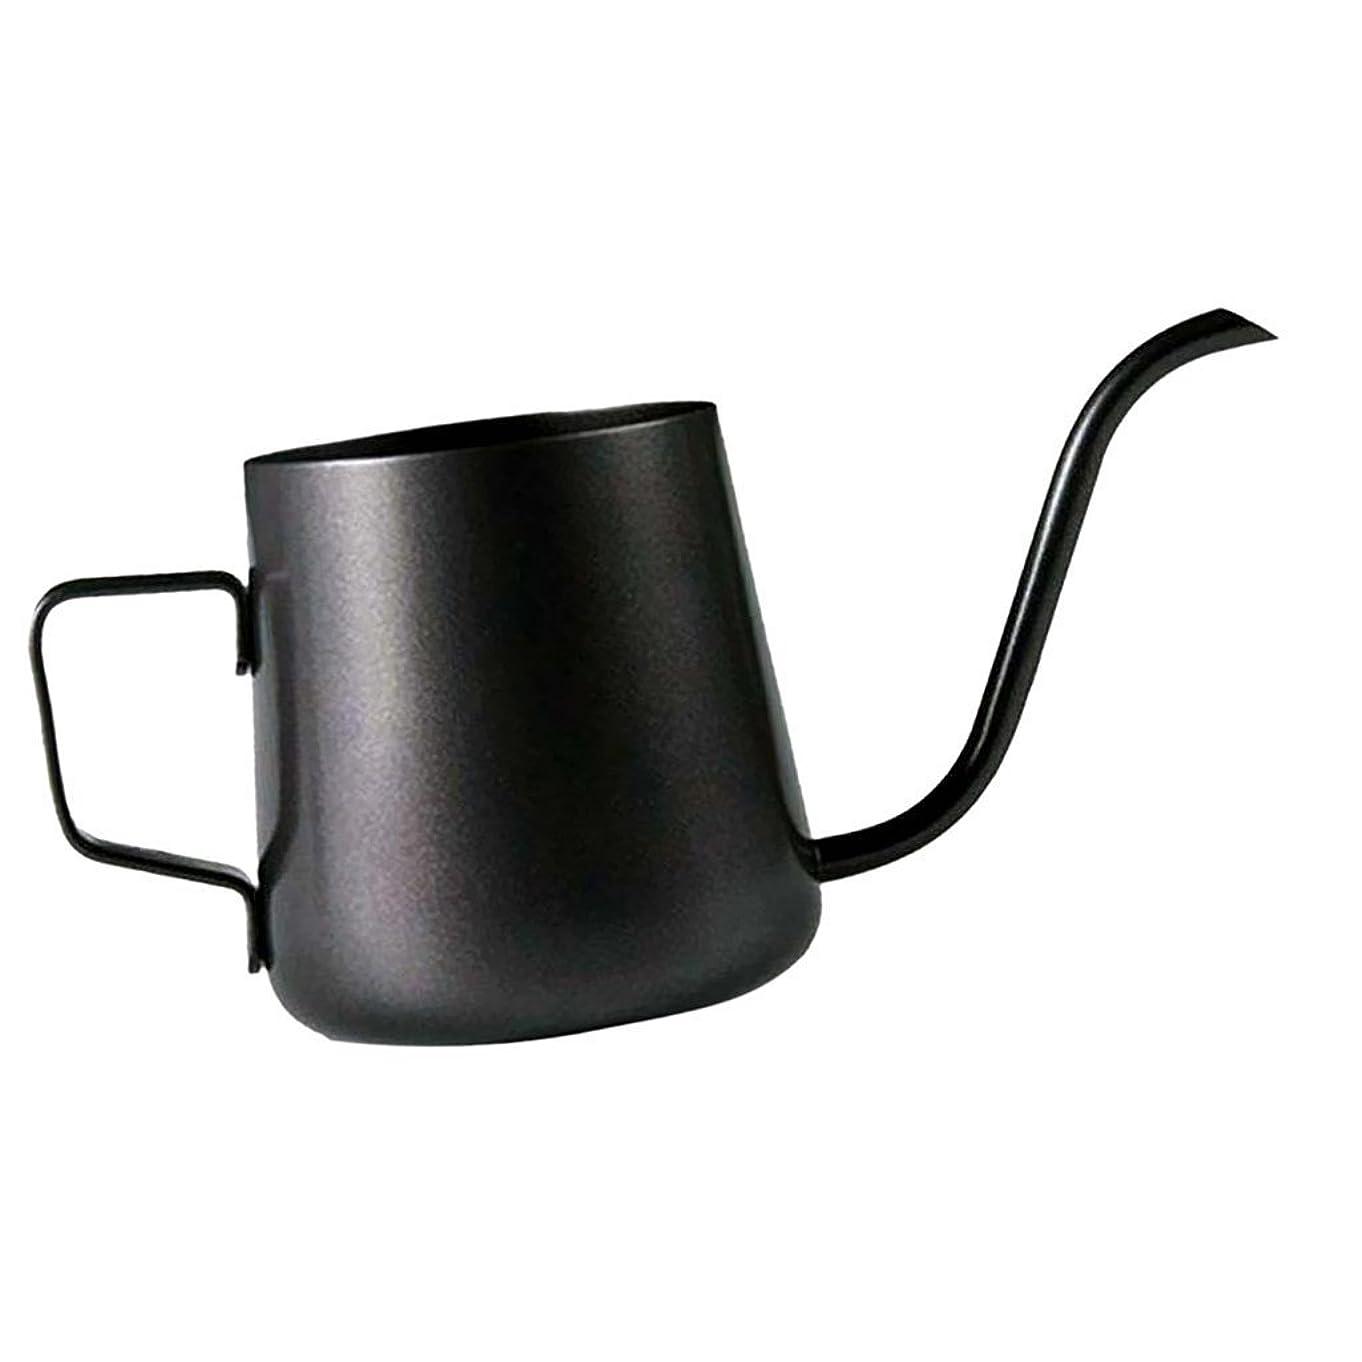 可能性ドリル領事館Homeland コーヒーポット お茶などにも対応 クッキング用品 ステンレス製 エスプレッソポット ケトル - ブラック, 250ミリリットル